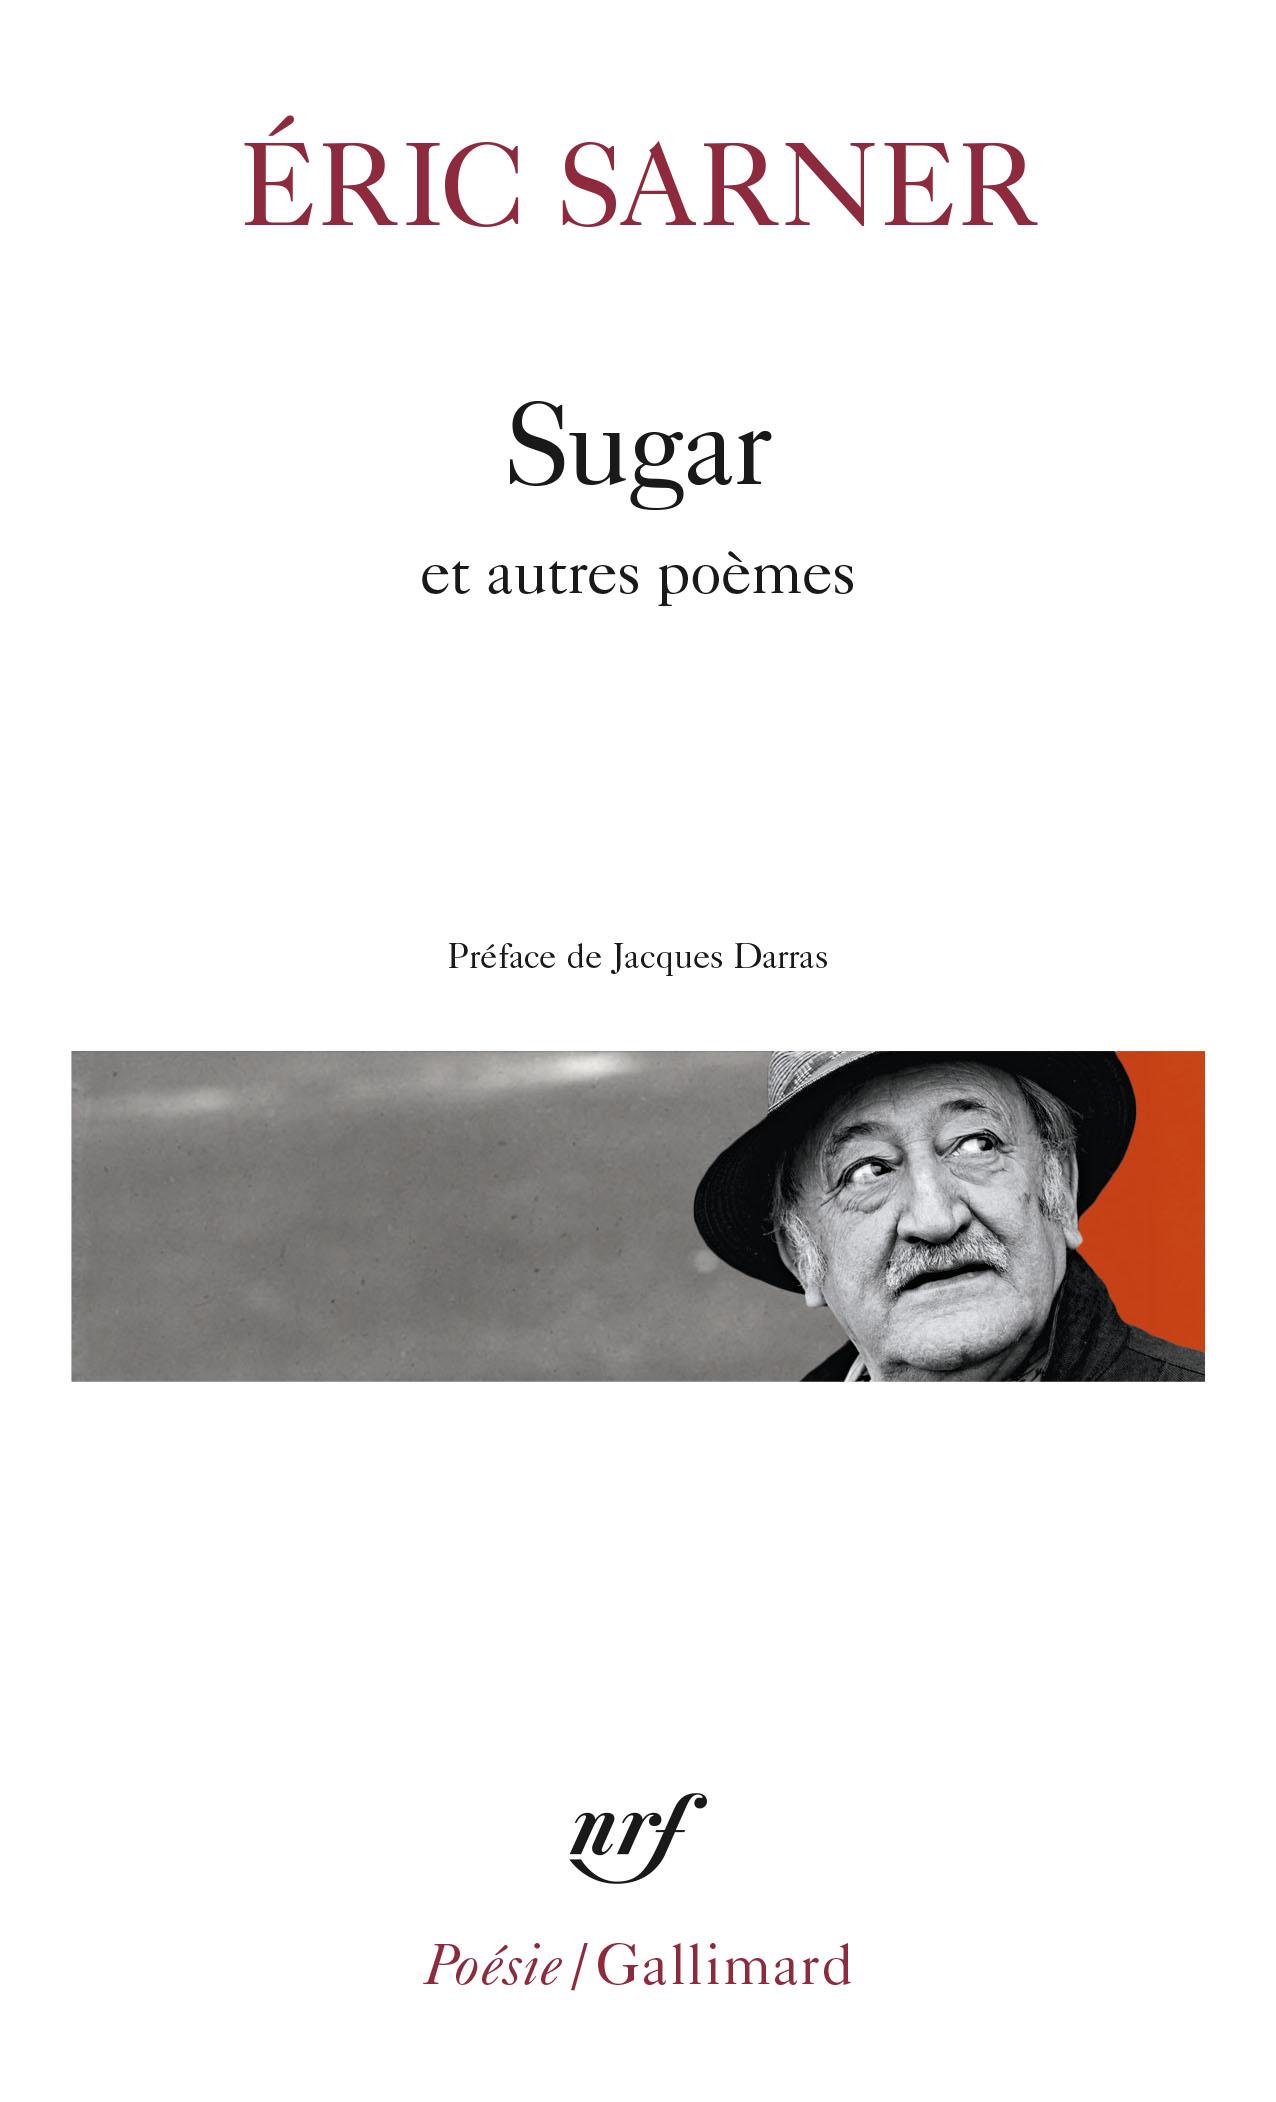 É. Sarner, Sugar suivi de Cœur chronique et de Petit carnet de silence (Poésie/Gallimard)